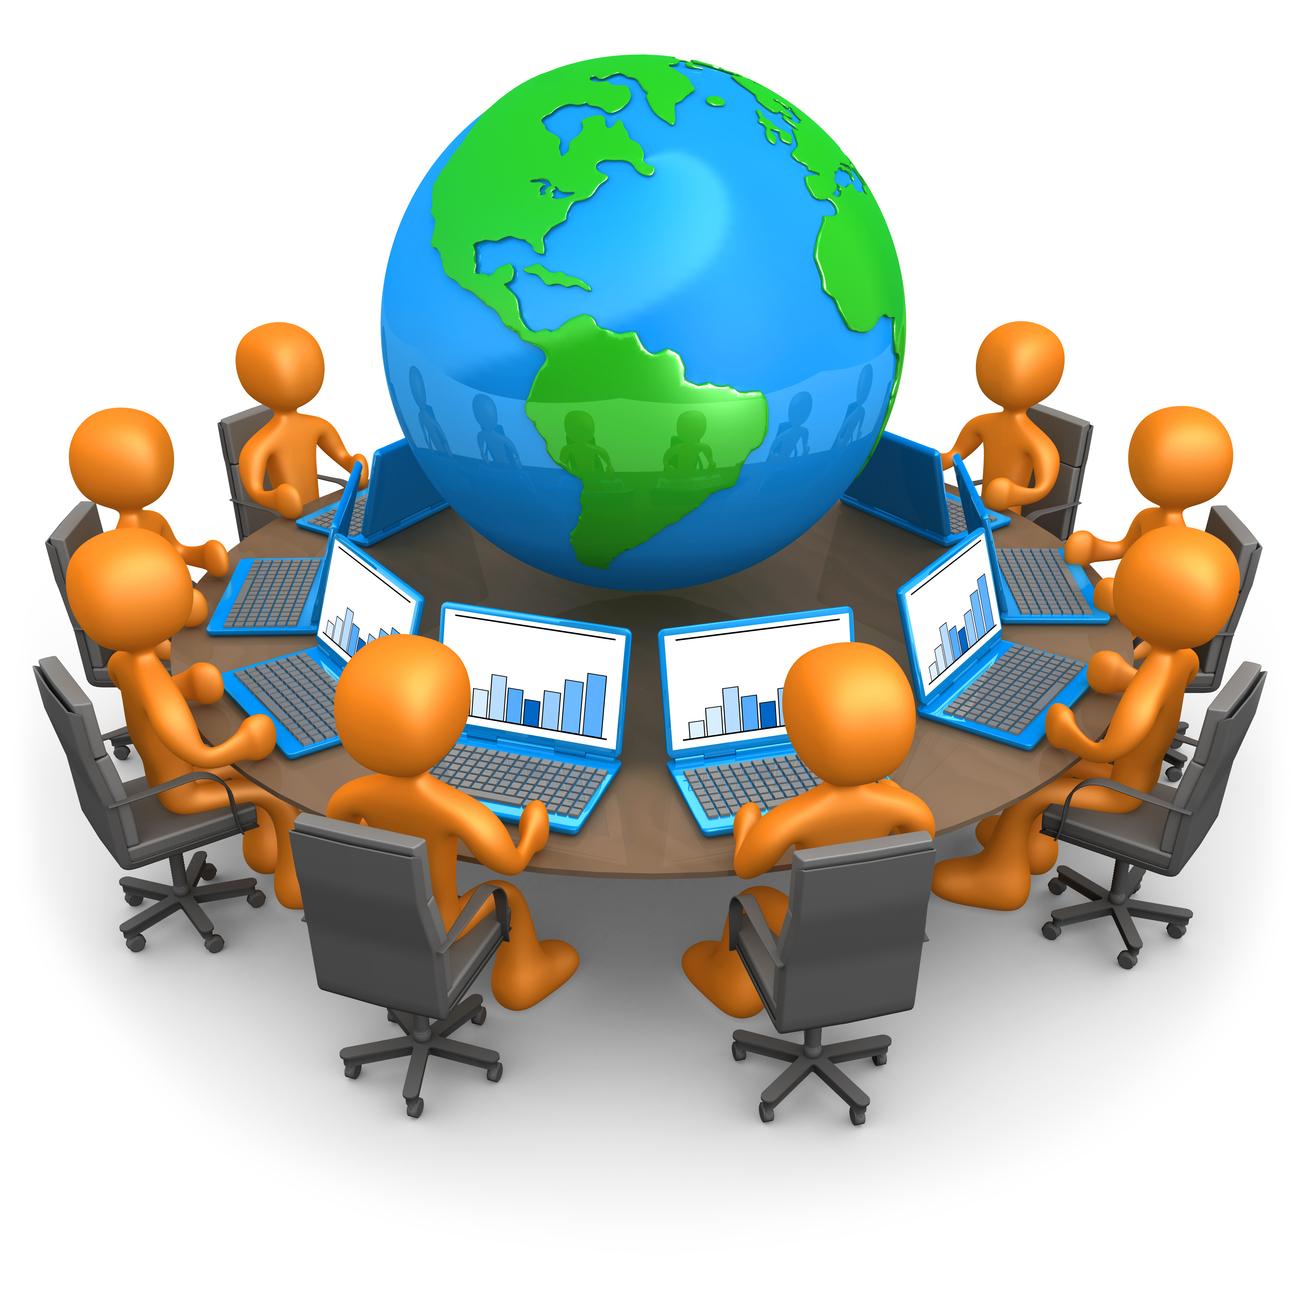 организация видеоконференции в skype